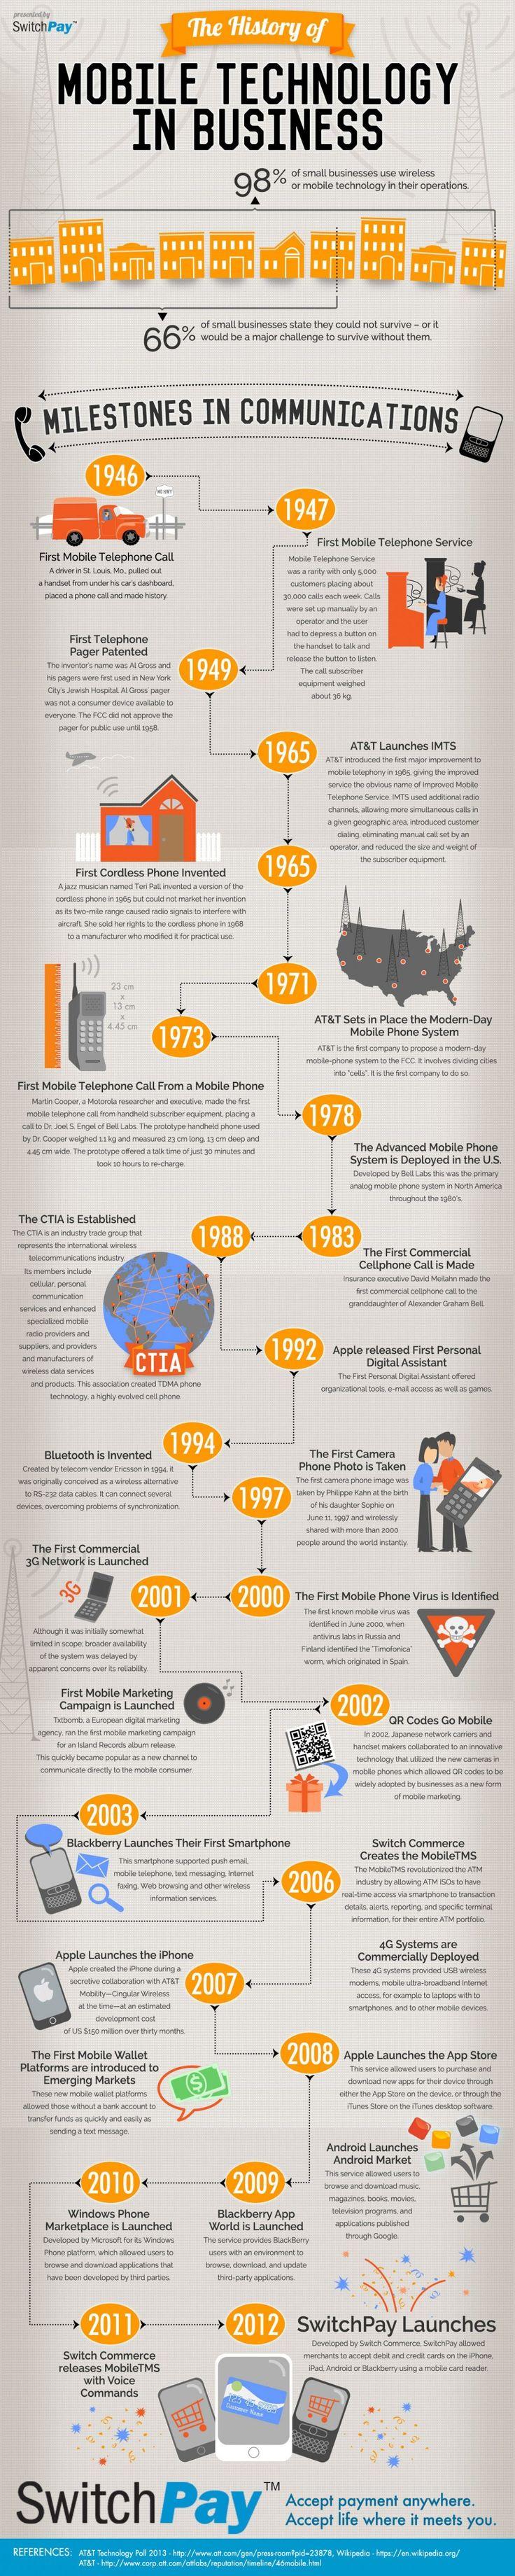 Mobile technology timeline